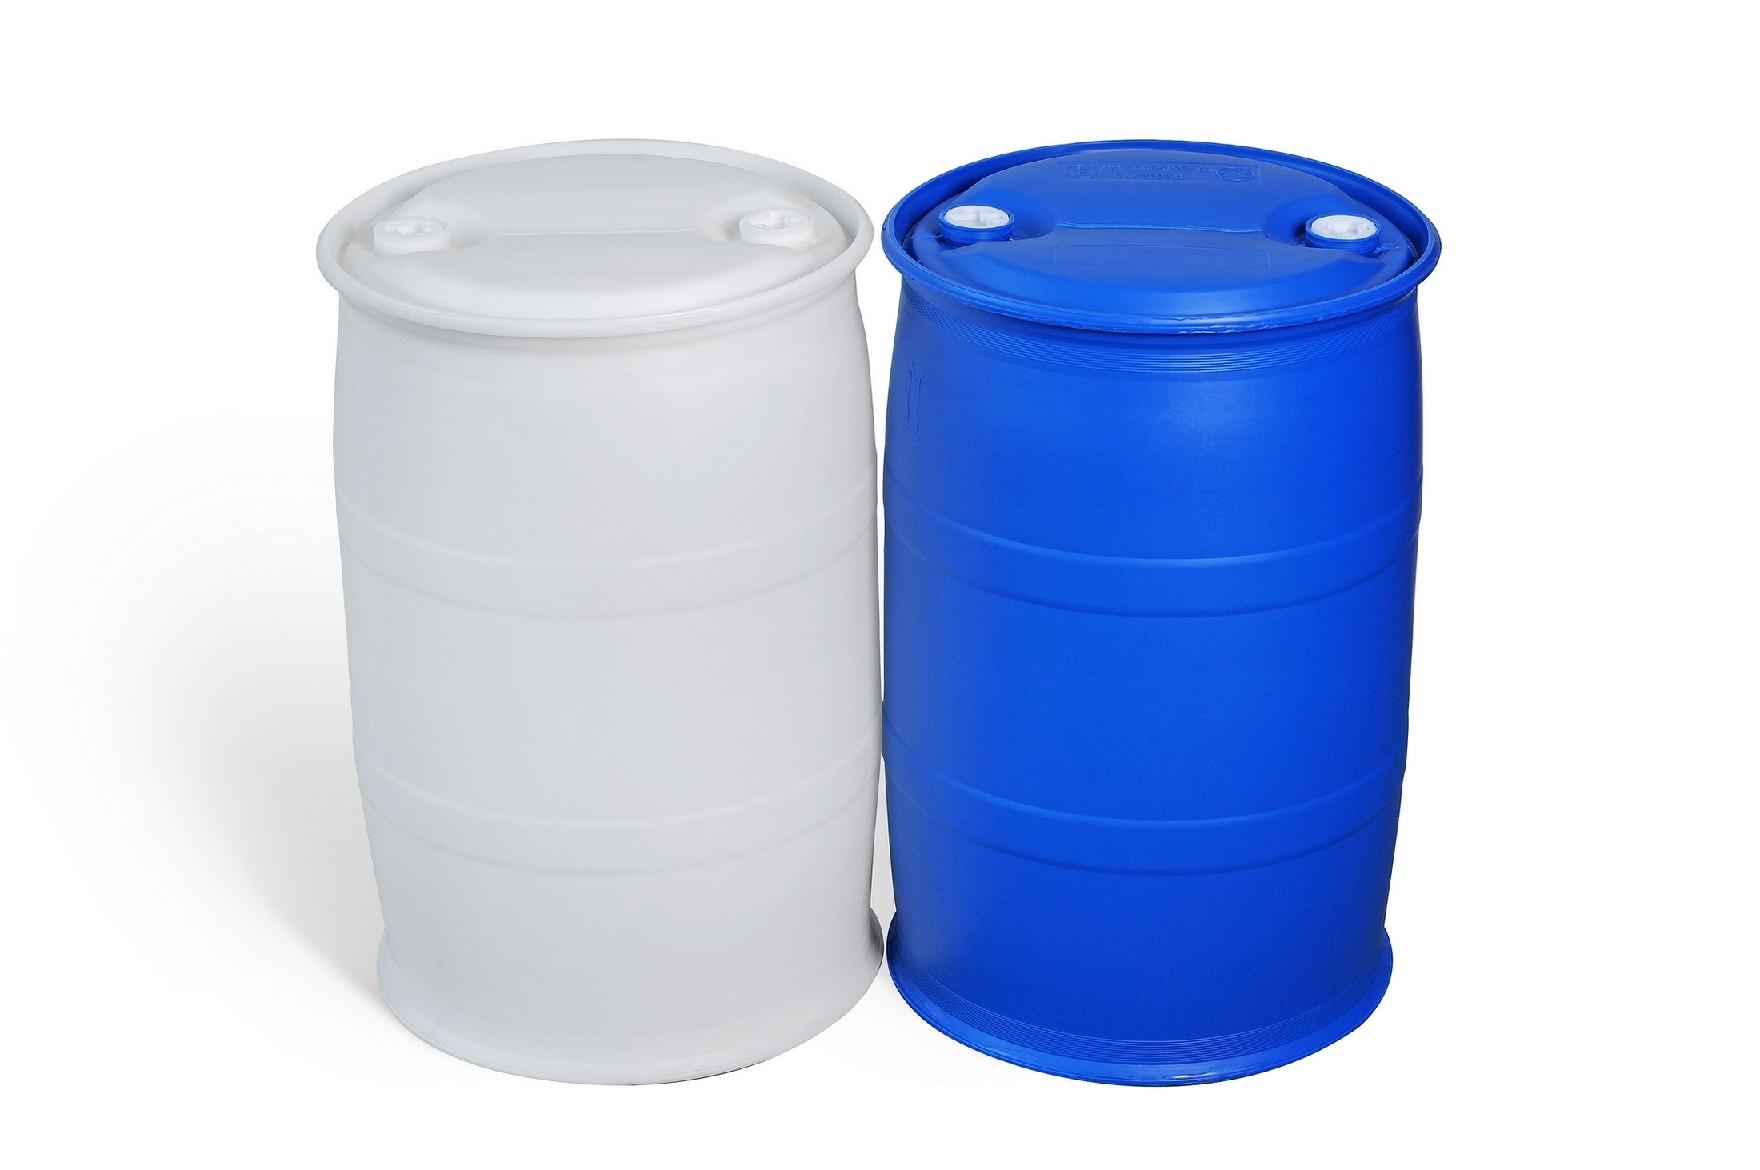 200L塑料桶厂家 200升塑料桶厂家 200KG塑料桶厂家 200L塑料桶G1款式 1、产品特点 A、桶型美观,根据力学原理设计,独特的桶型结构使产品具有更高的抗跌落性能,强度明显优于其他结构款式的200升塑料桶。 B、桶口采用下密封生产工艺,密封性优于国内普遍的上密封生产工艺,密封性能更好。 C、凸桶面结构设计,在暴雨季节桶面不会积水,可有效防止雨水从桶口位置渗进桶内污染您的液态产品。 D、双L环的桶型结构使塑料桶在运输过程中滚动、装运更加方便,在热灌装的时候可有效的防止桶底部侧面凹陷。 2、原材料使